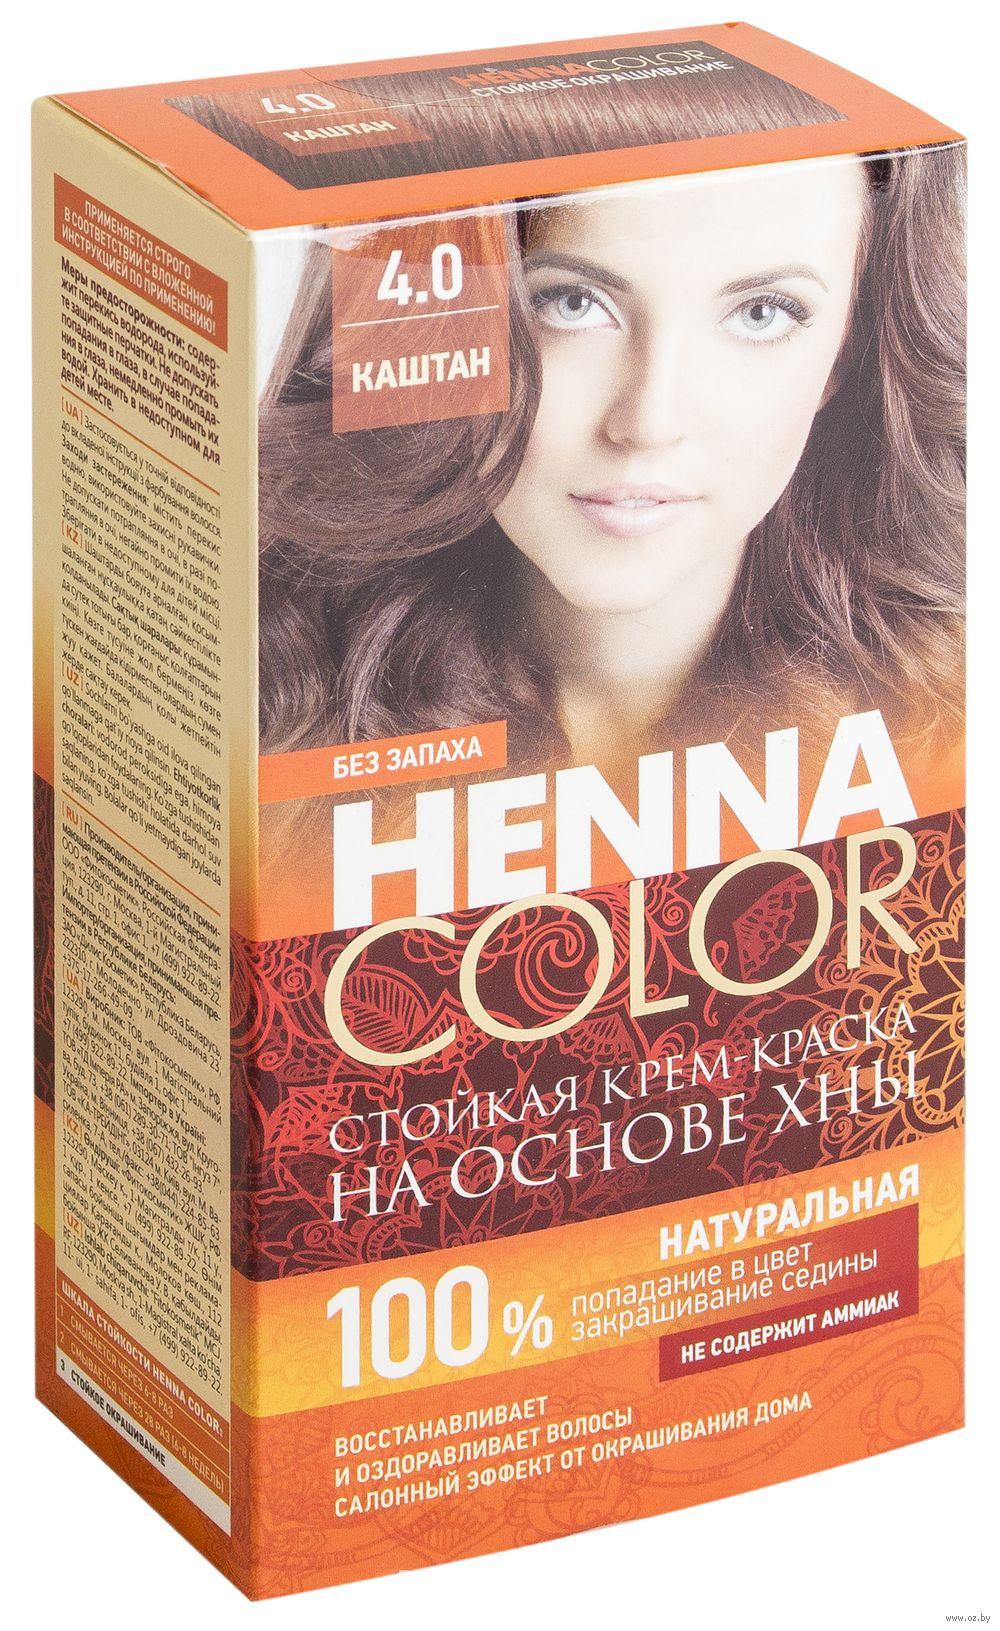 купить в интернет магазине крем краска хна Чистиков Ксения Основина